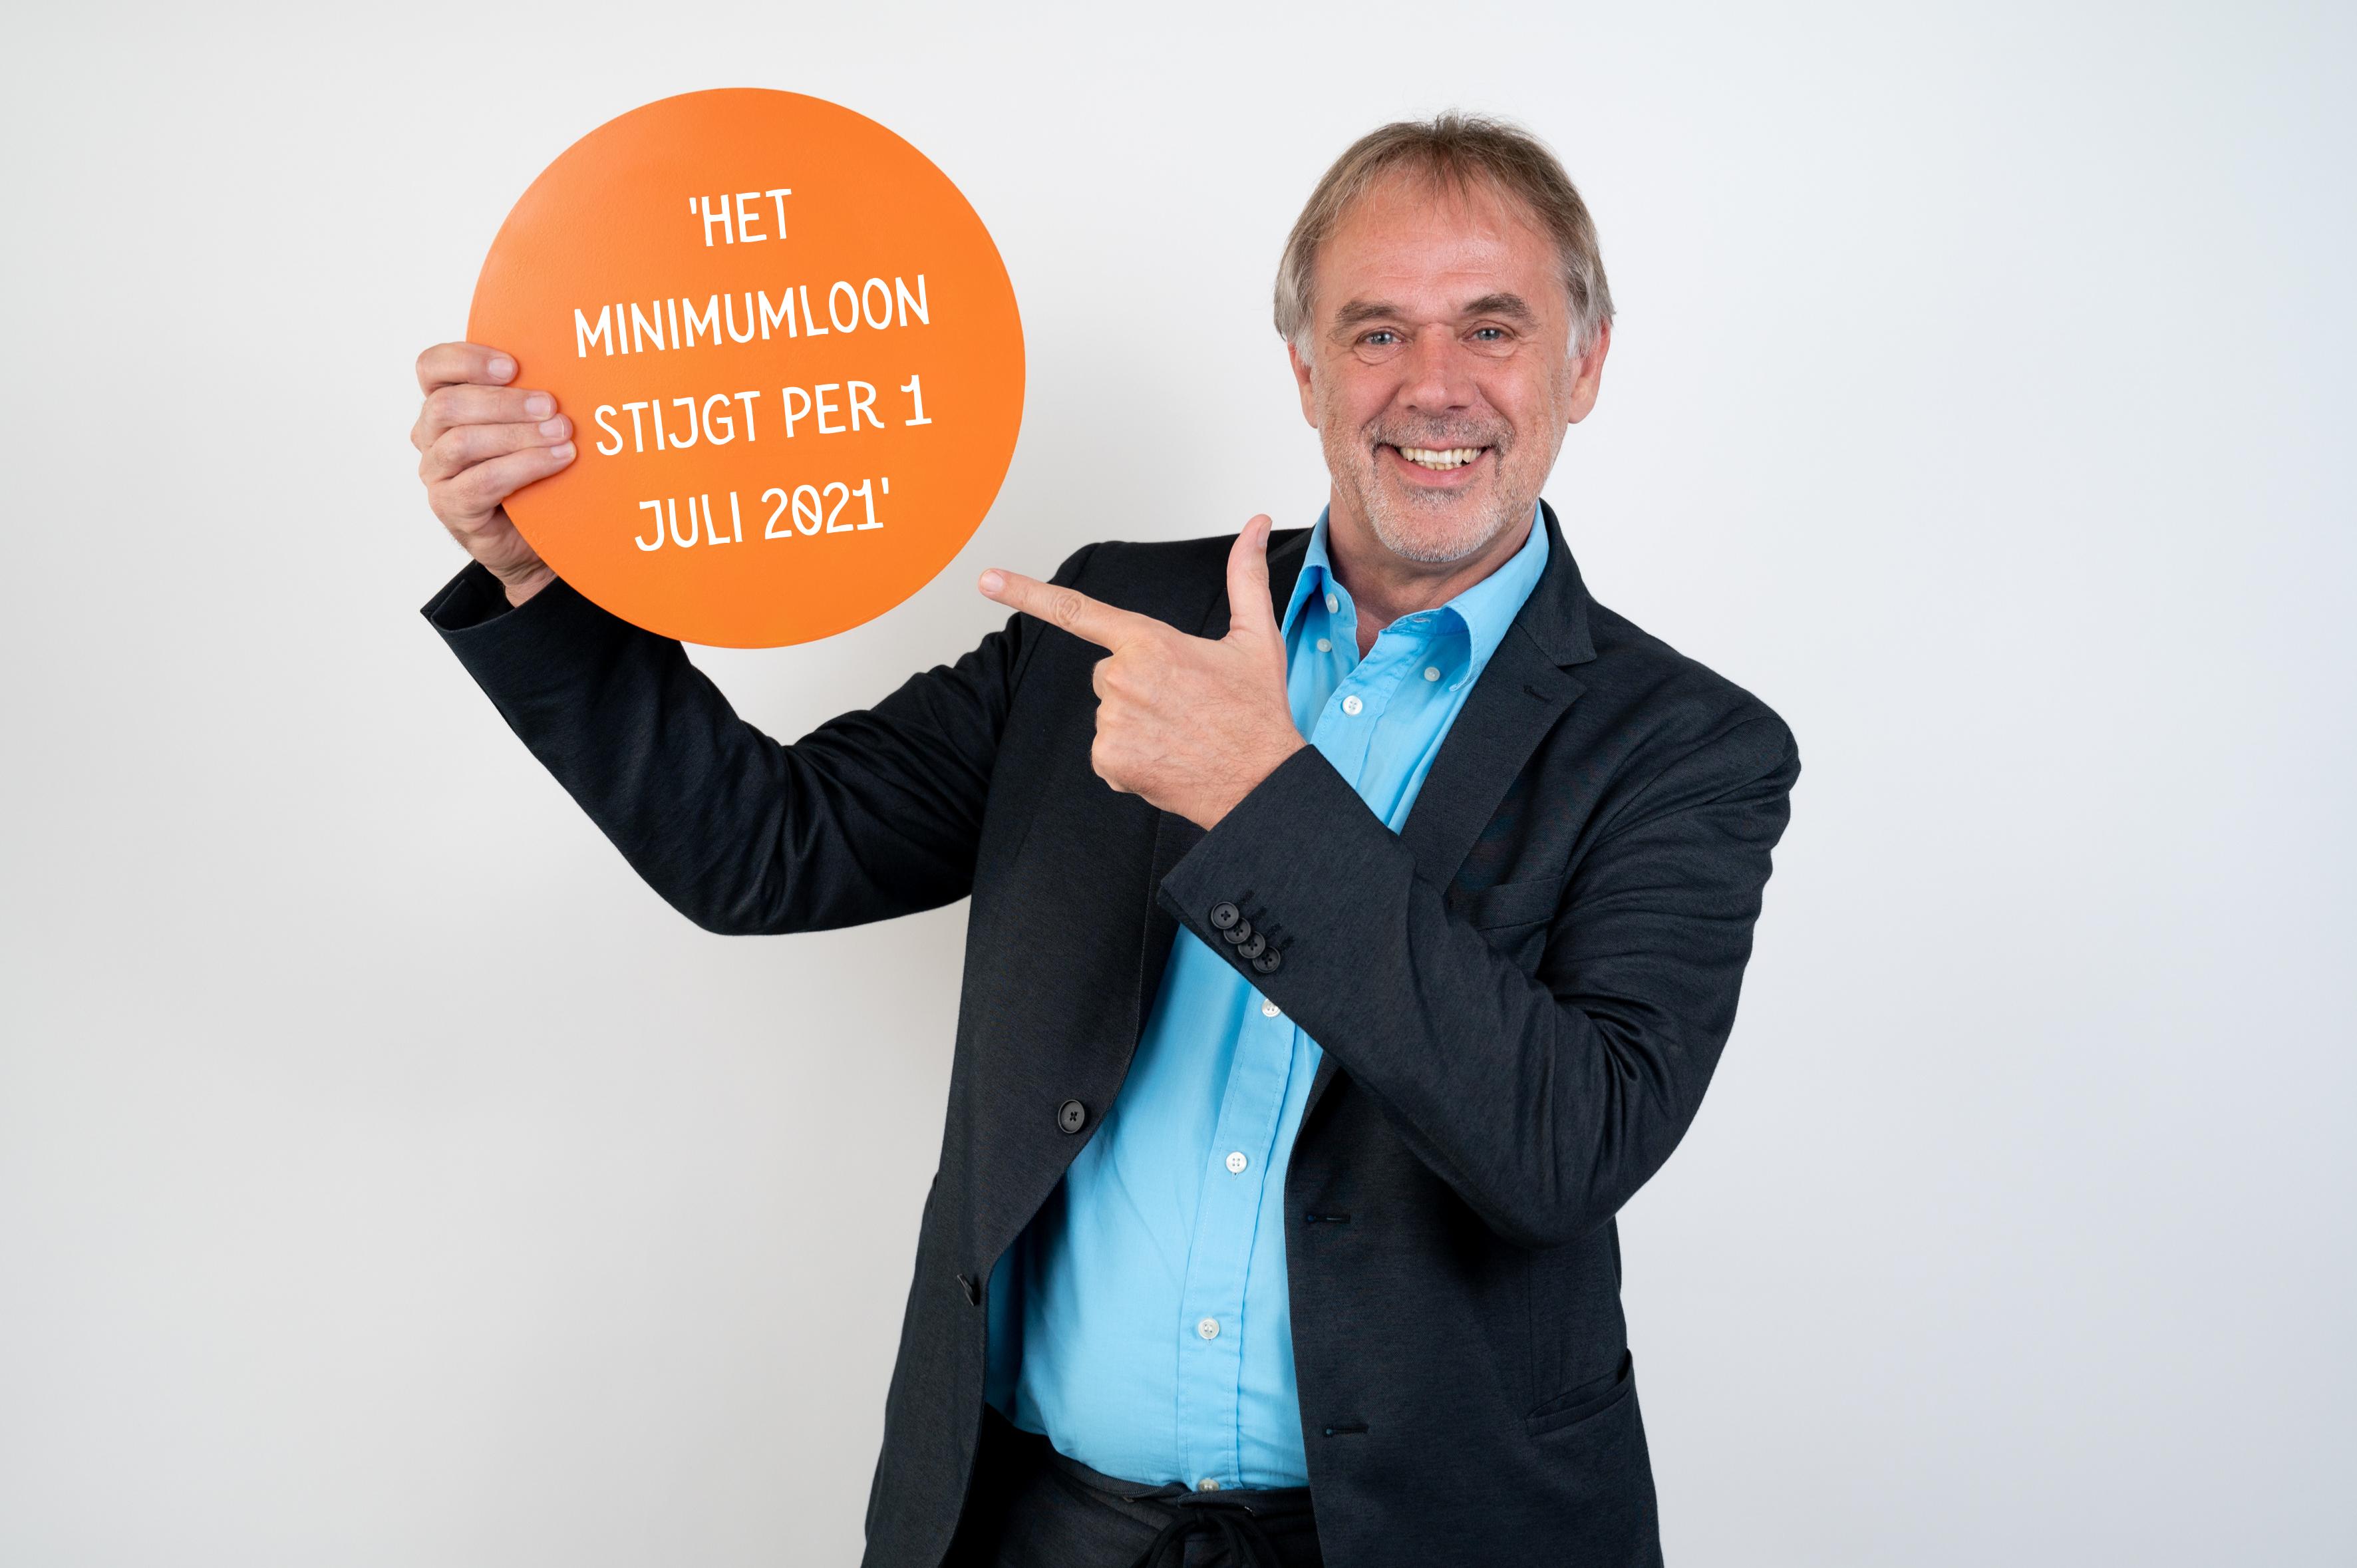 Stijging minimumloon per 1 juli 2021